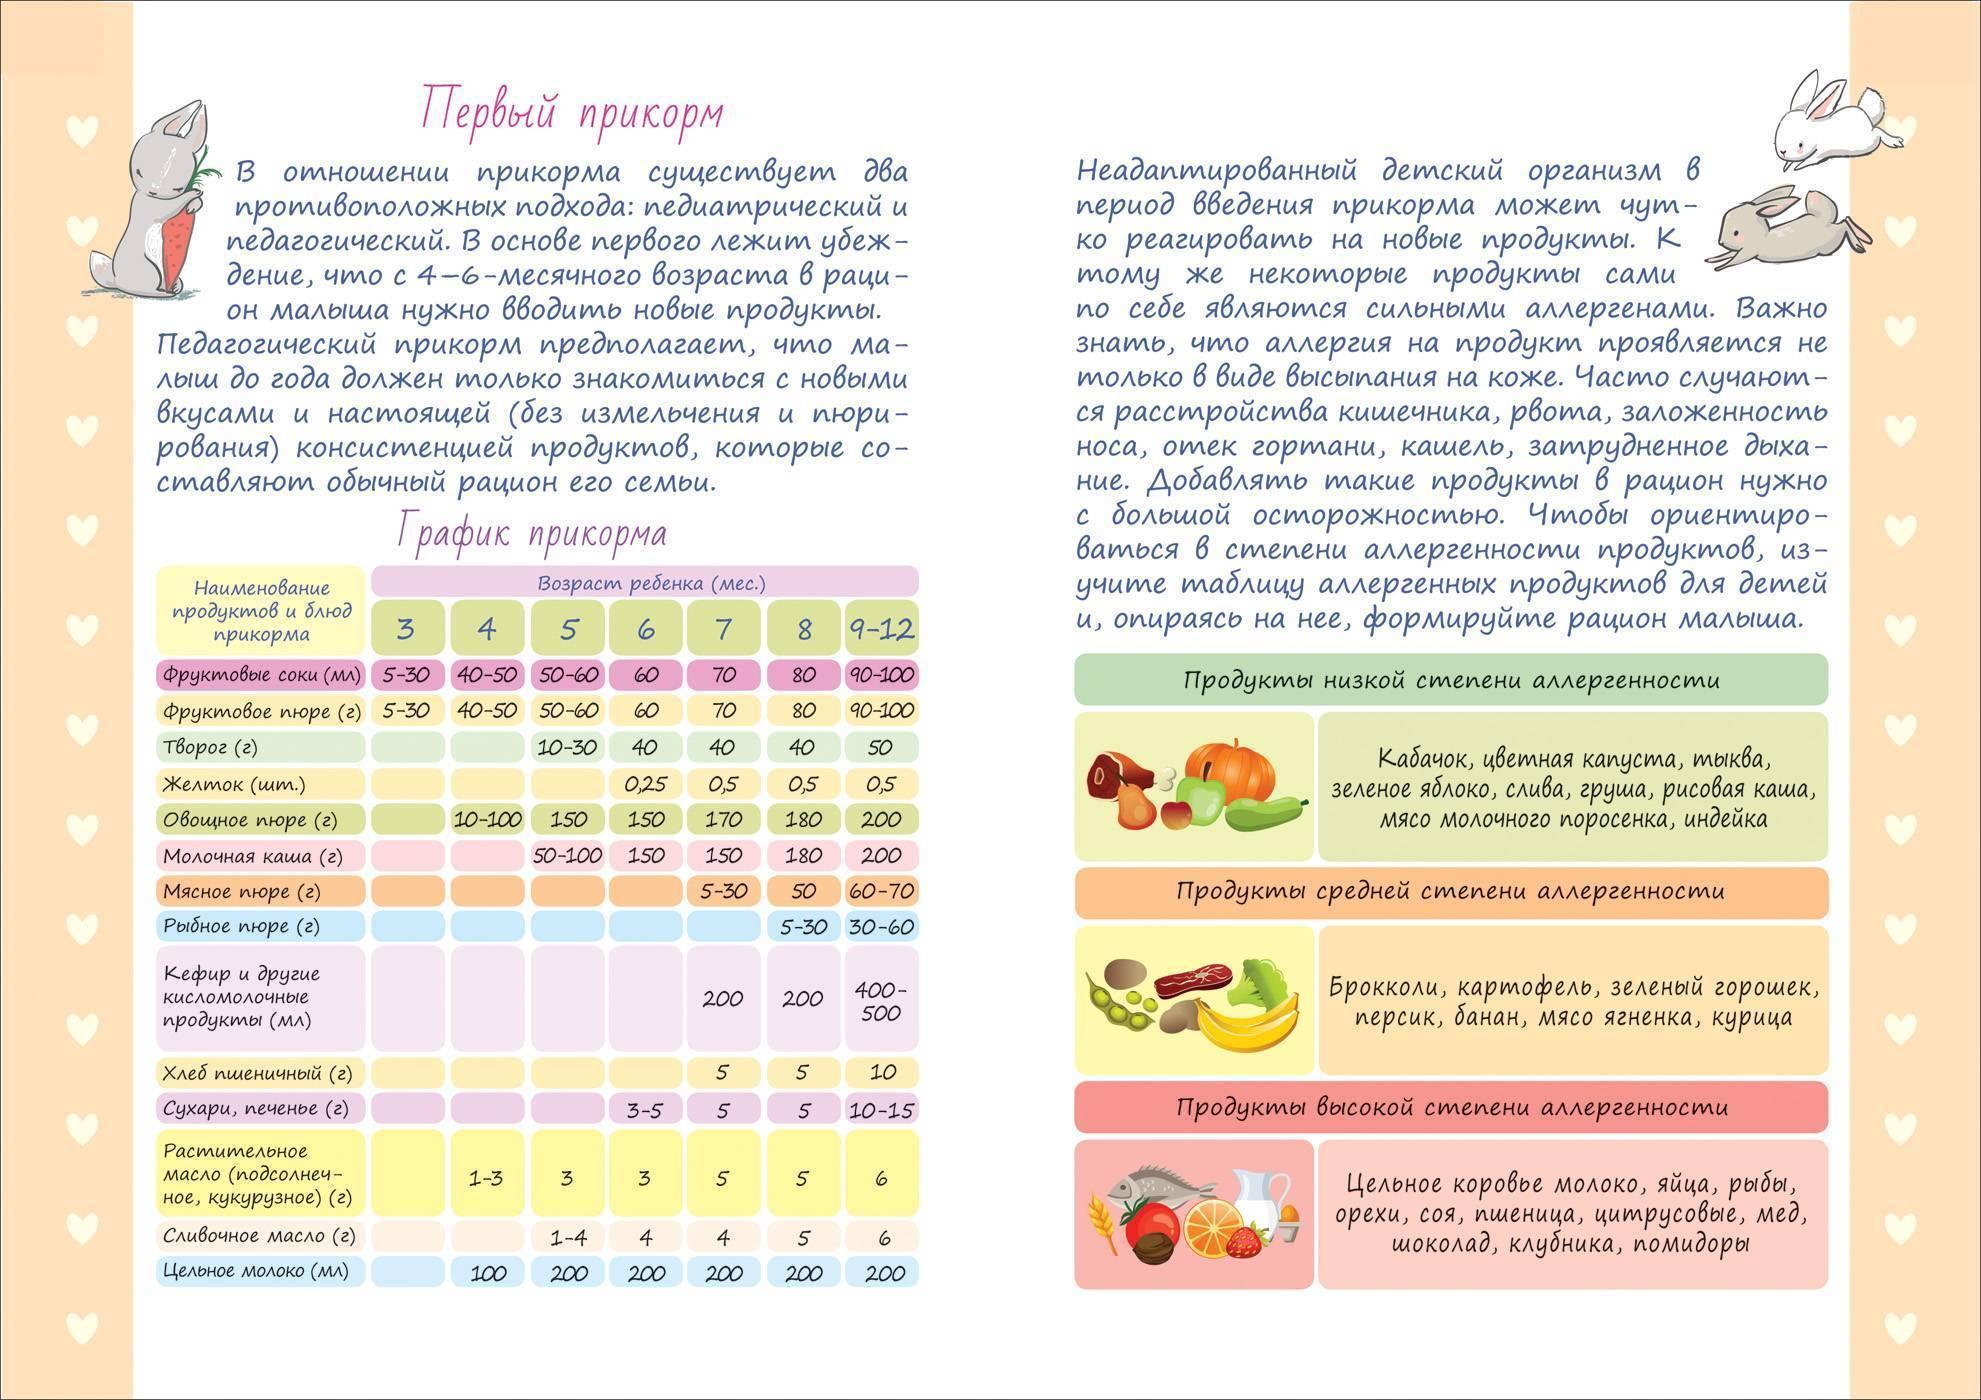 Морковное пюре для грудничка с какого возраста давать и рецепт морковного пюре для грудничка: сколько варить морковь, как вводить в прикорм